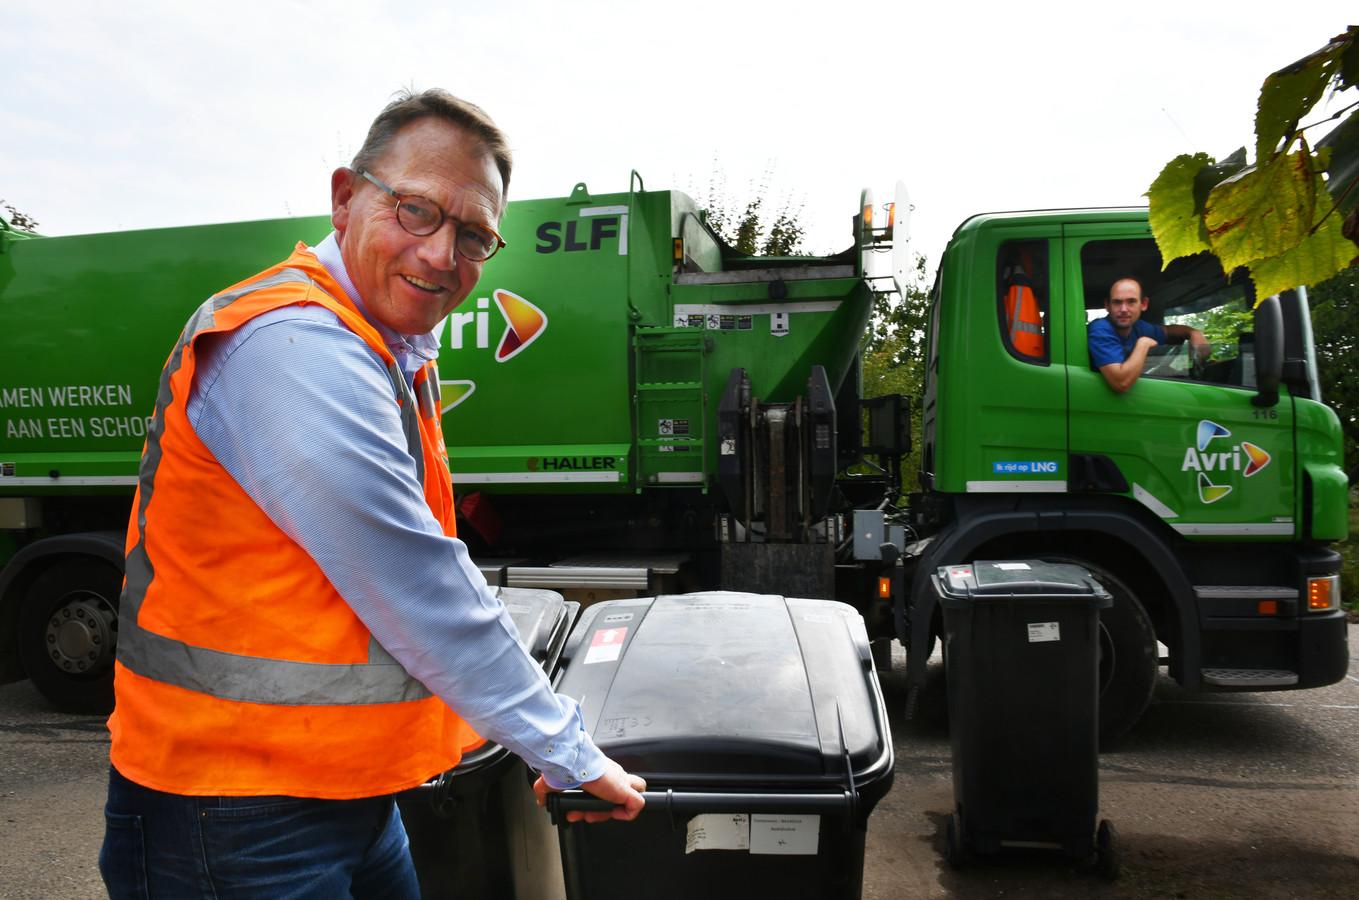 Gerdjan Keller hielp gisteren mee op de vuilniswagen.